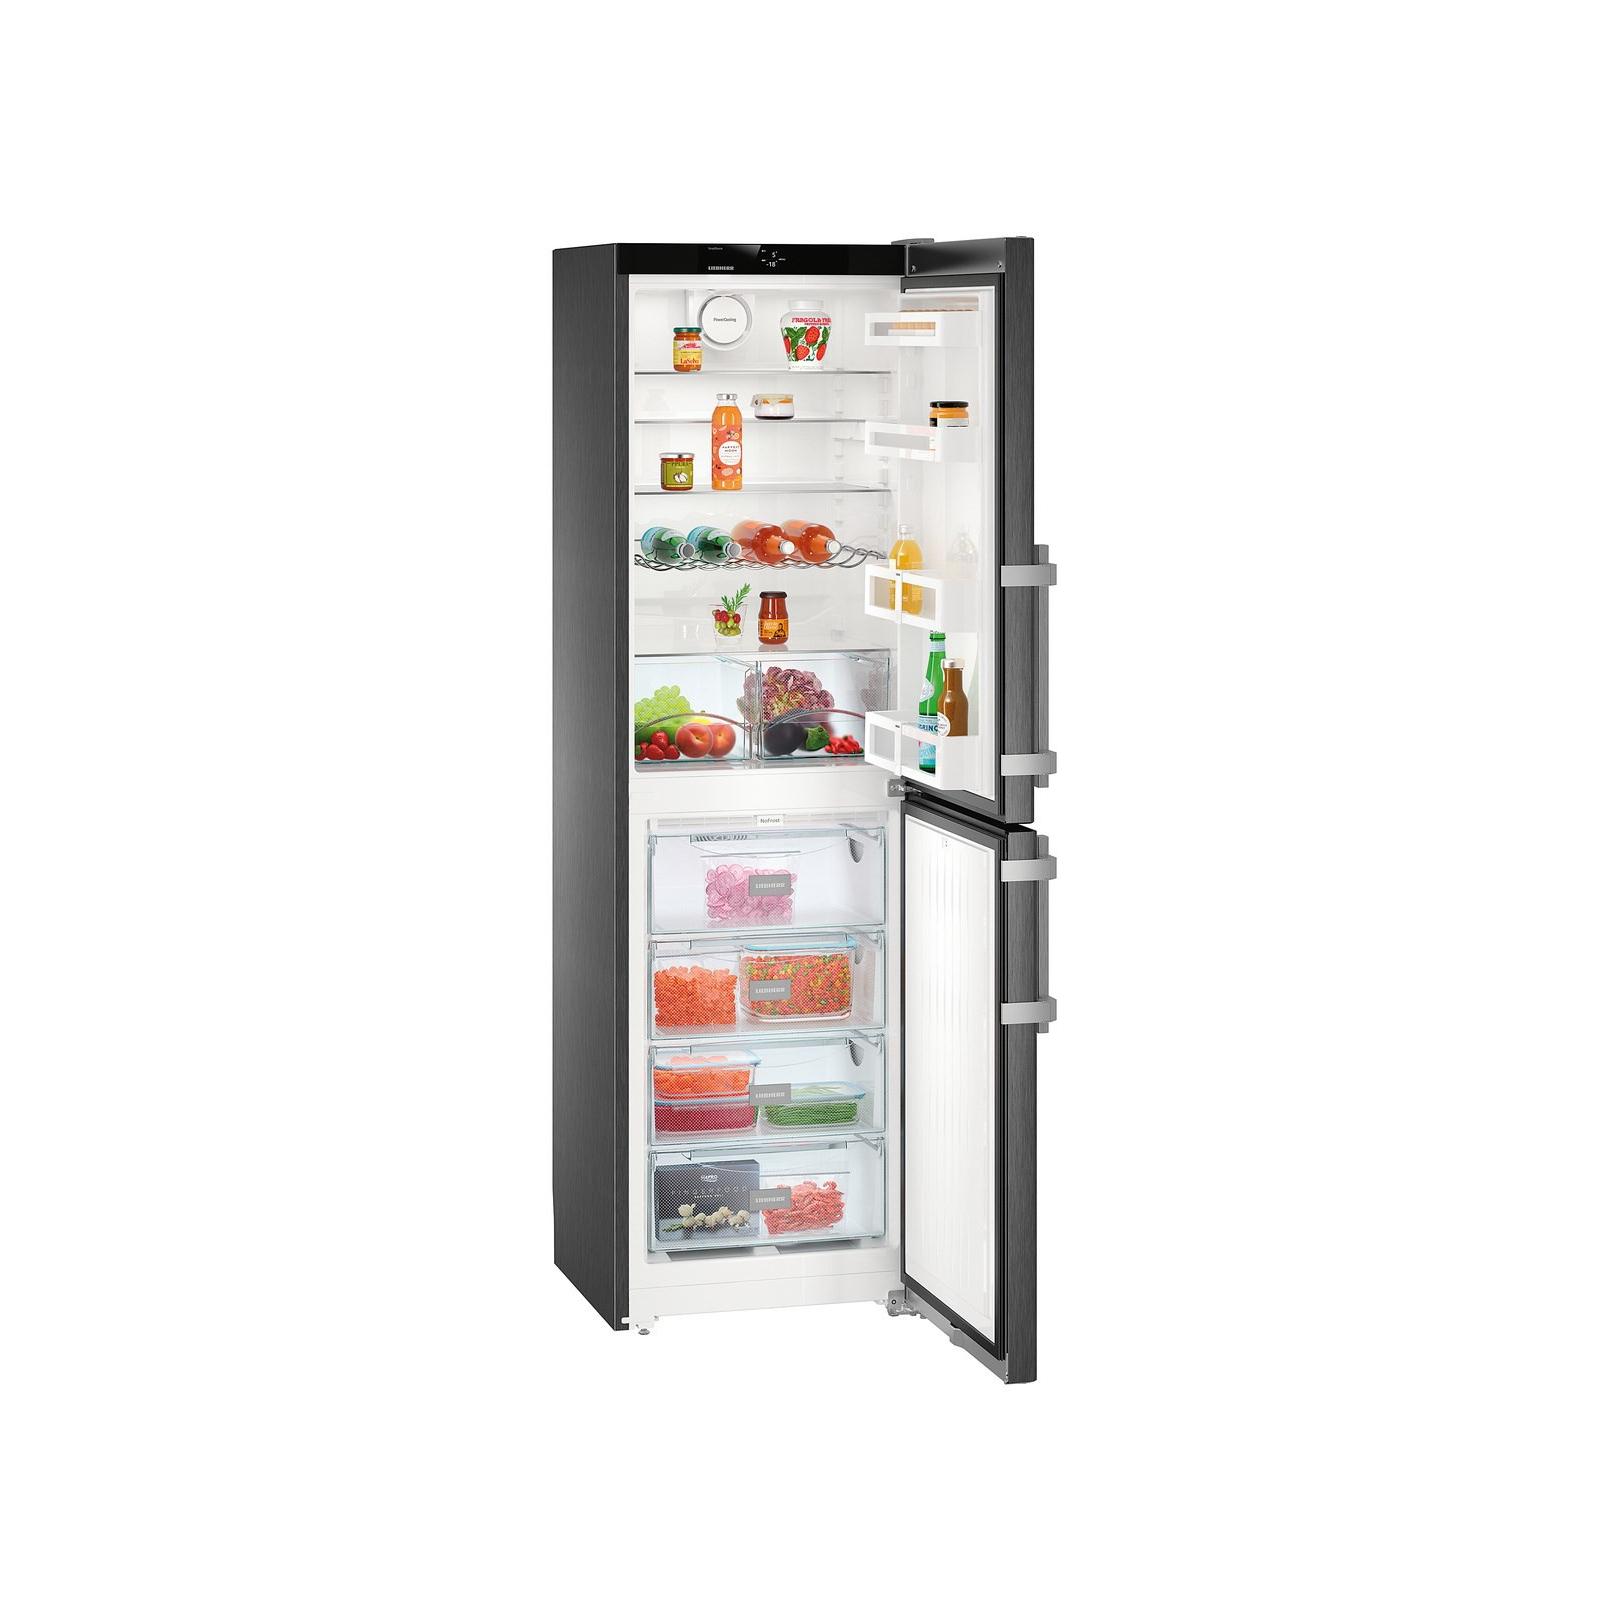 Холодильник Liebherr CNbs 3915 изображение 5